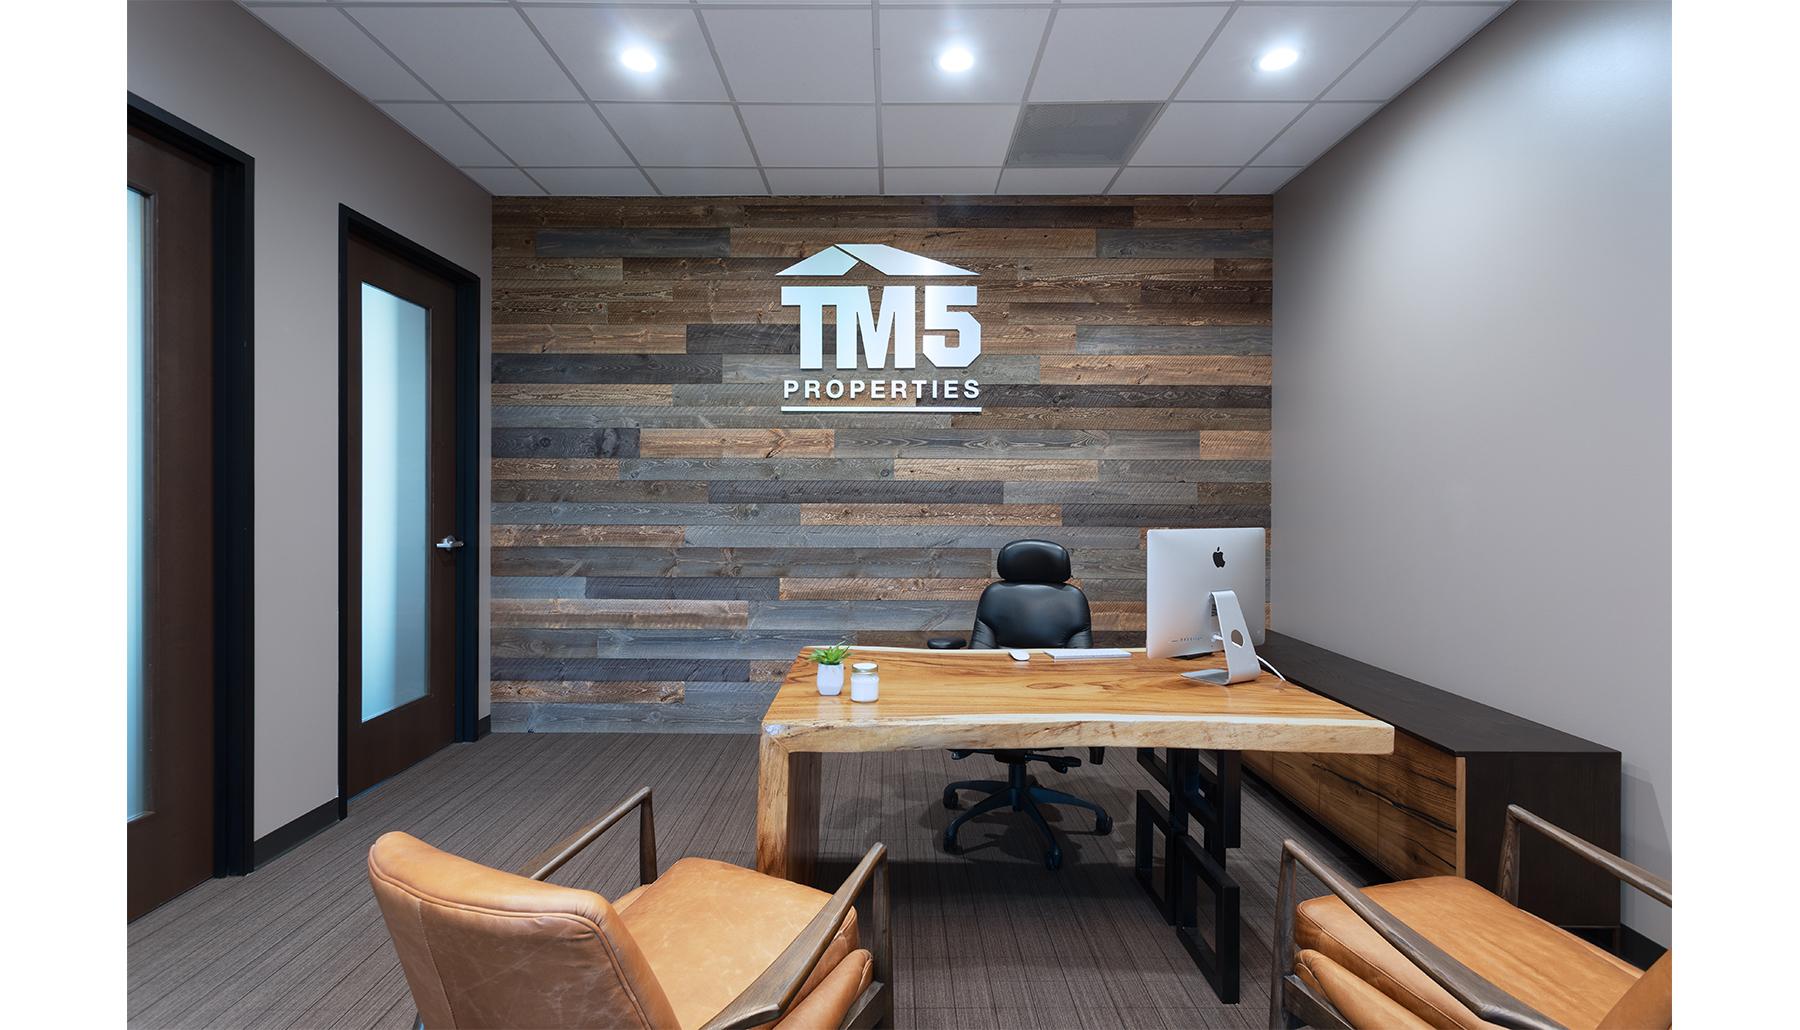 TM5 Office